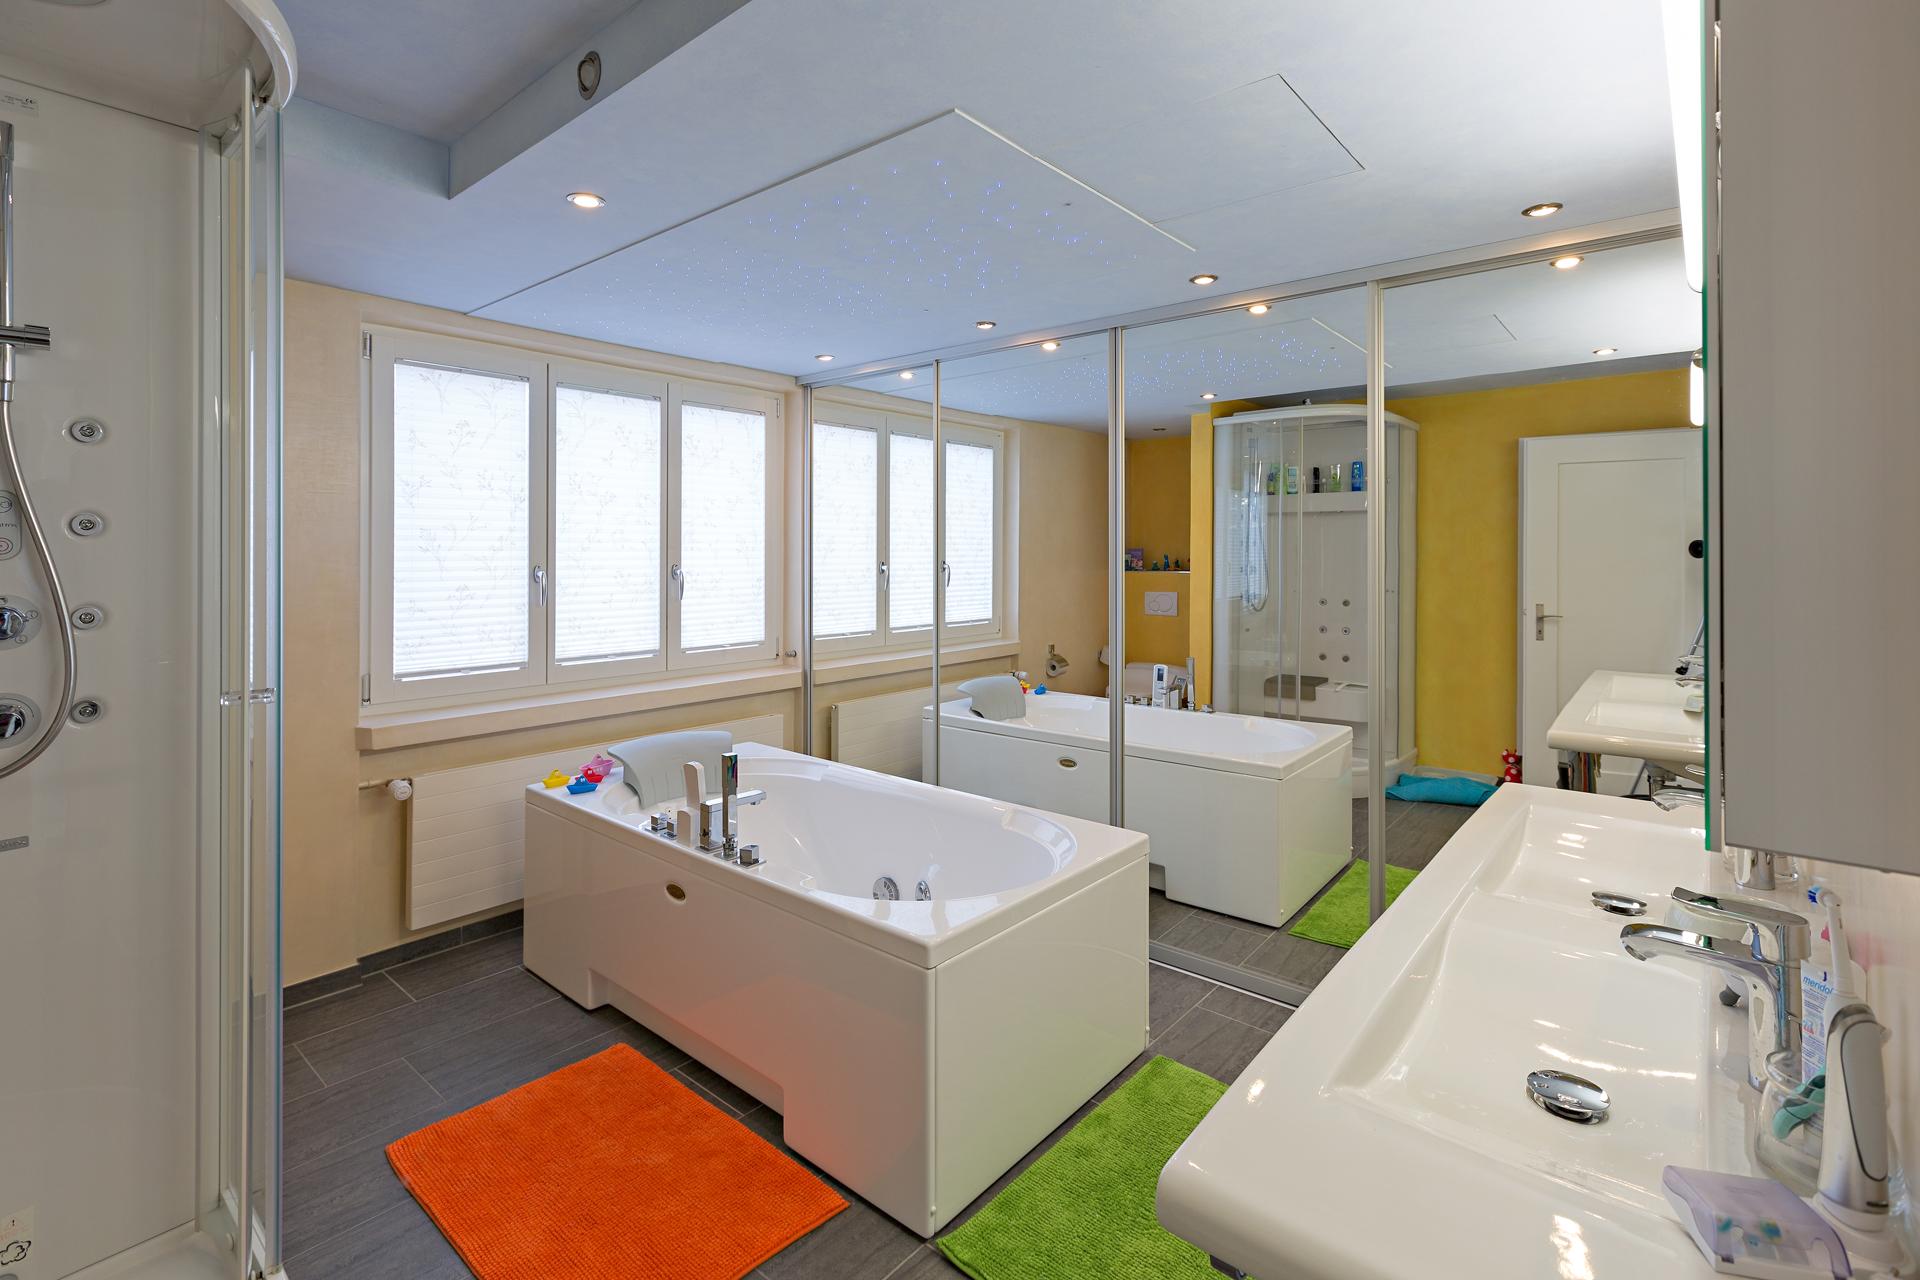 schiebet rschrank kompett in spiegel mit alurahmenprofil als eingang in das bad auf zu. Black Bedroom Furniture Sets. Home Design Ideas